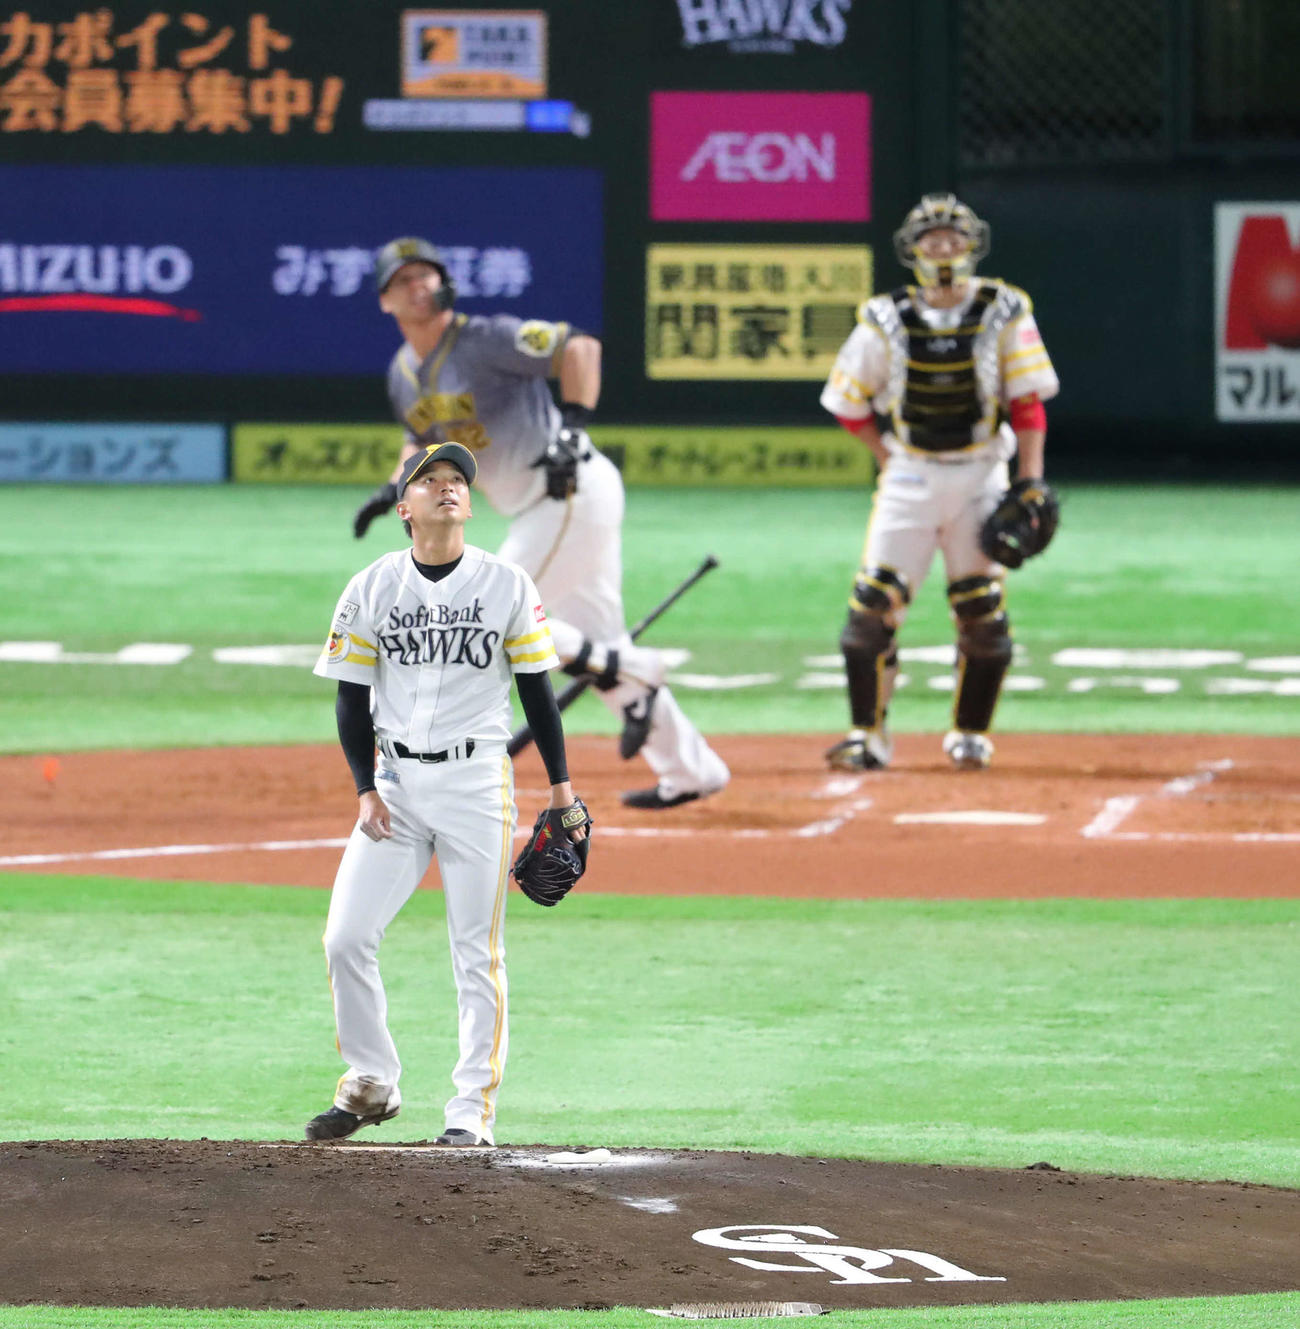 ソフトバンク対阪神 2回表阪神無死、東浜はサンズに左越え先制本塁打を浴びる(撮影・梅根麻紀)あ